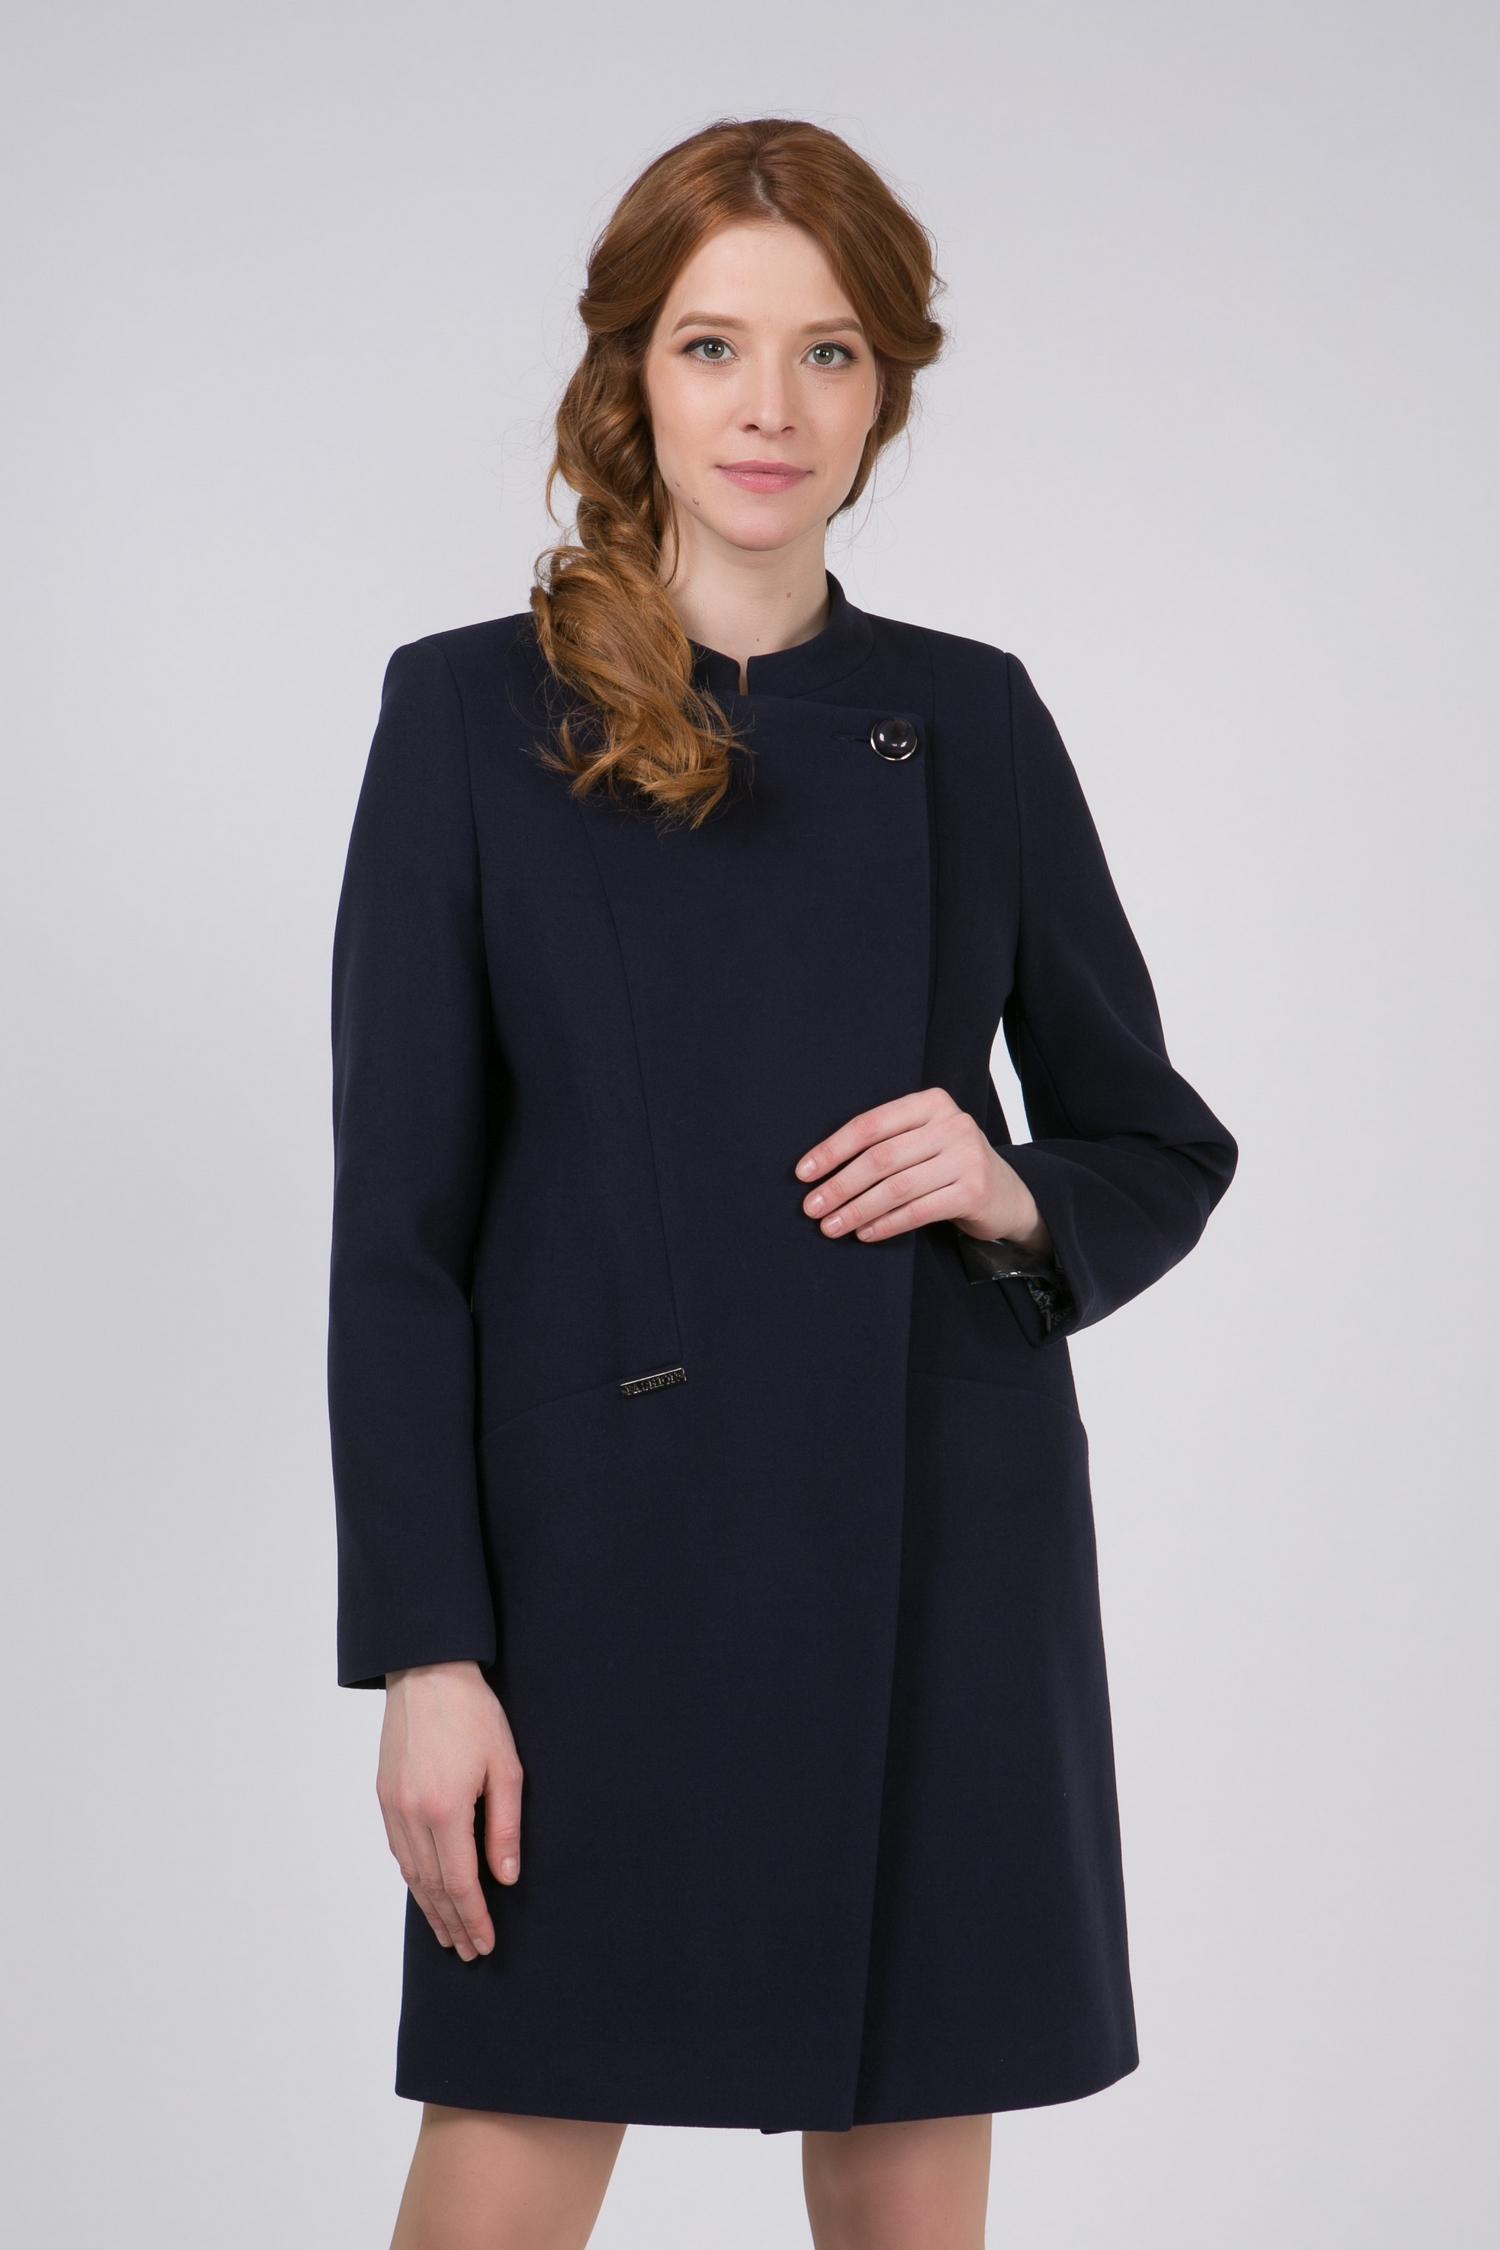 Пальто женское из текстиля с воротником, без отделки<br><br>Воротник: стойка<br>Длина см: Длинная (свыше 90)<br>Материал: Комбинированный состав<br>Цвет: синий<br>Вид застежки: косая<br>Застежка: на пуговицы<br>Пол: Женский<br>Размер RU: 54